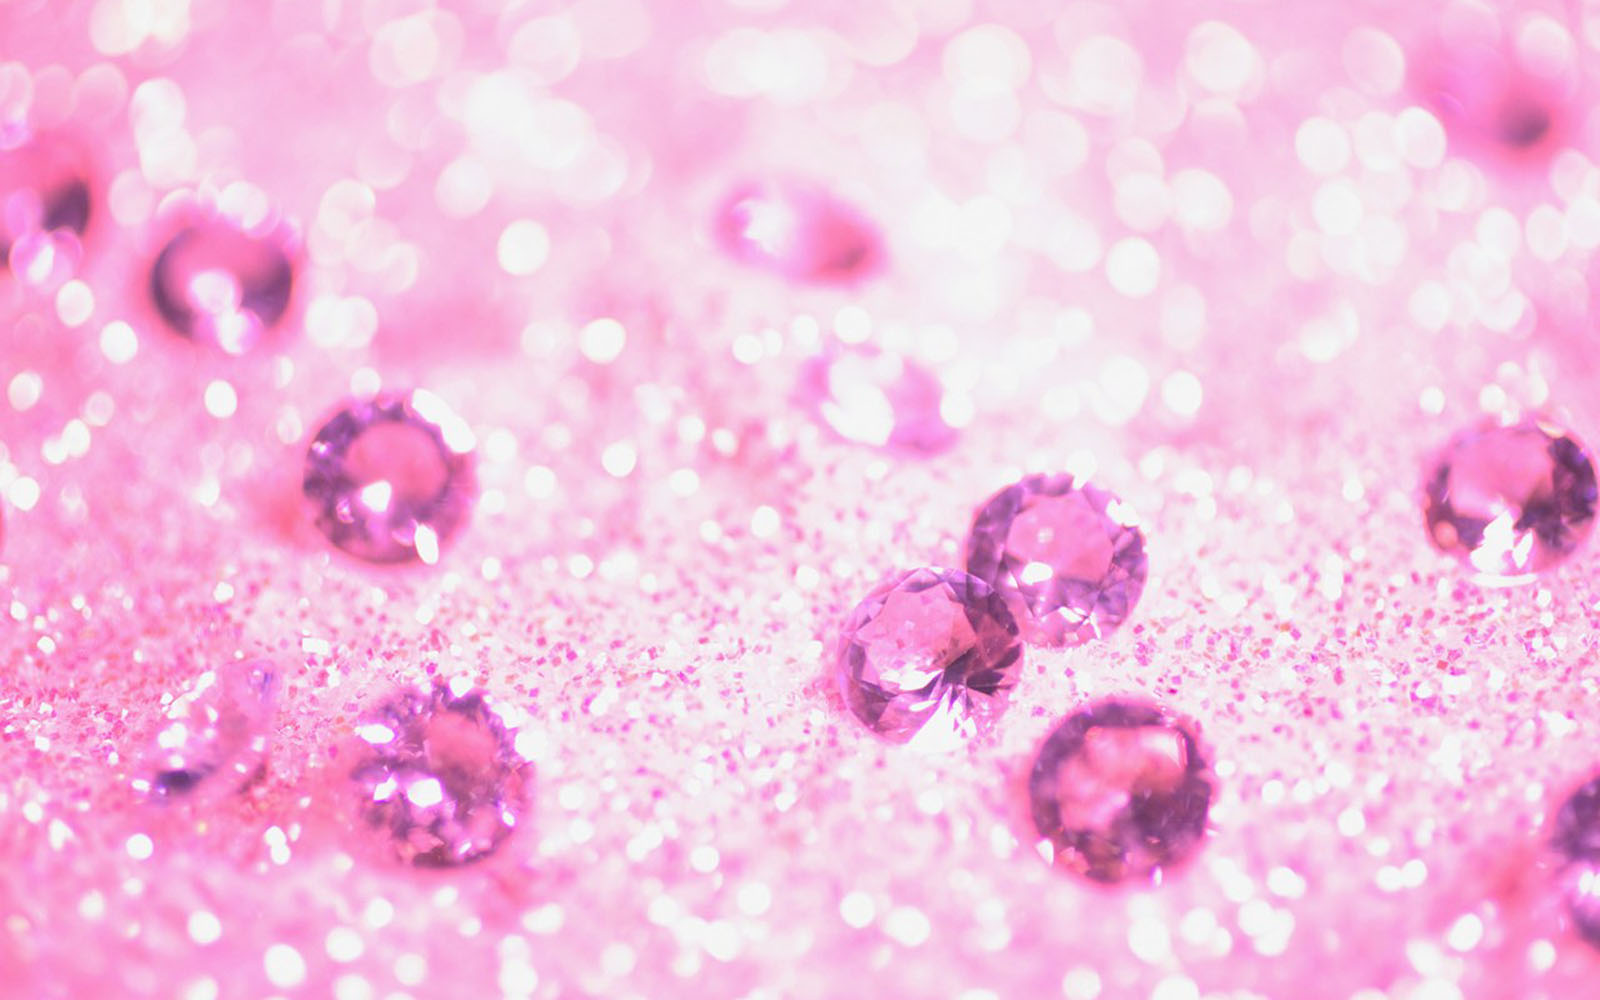 Gambar Kristal Cantik